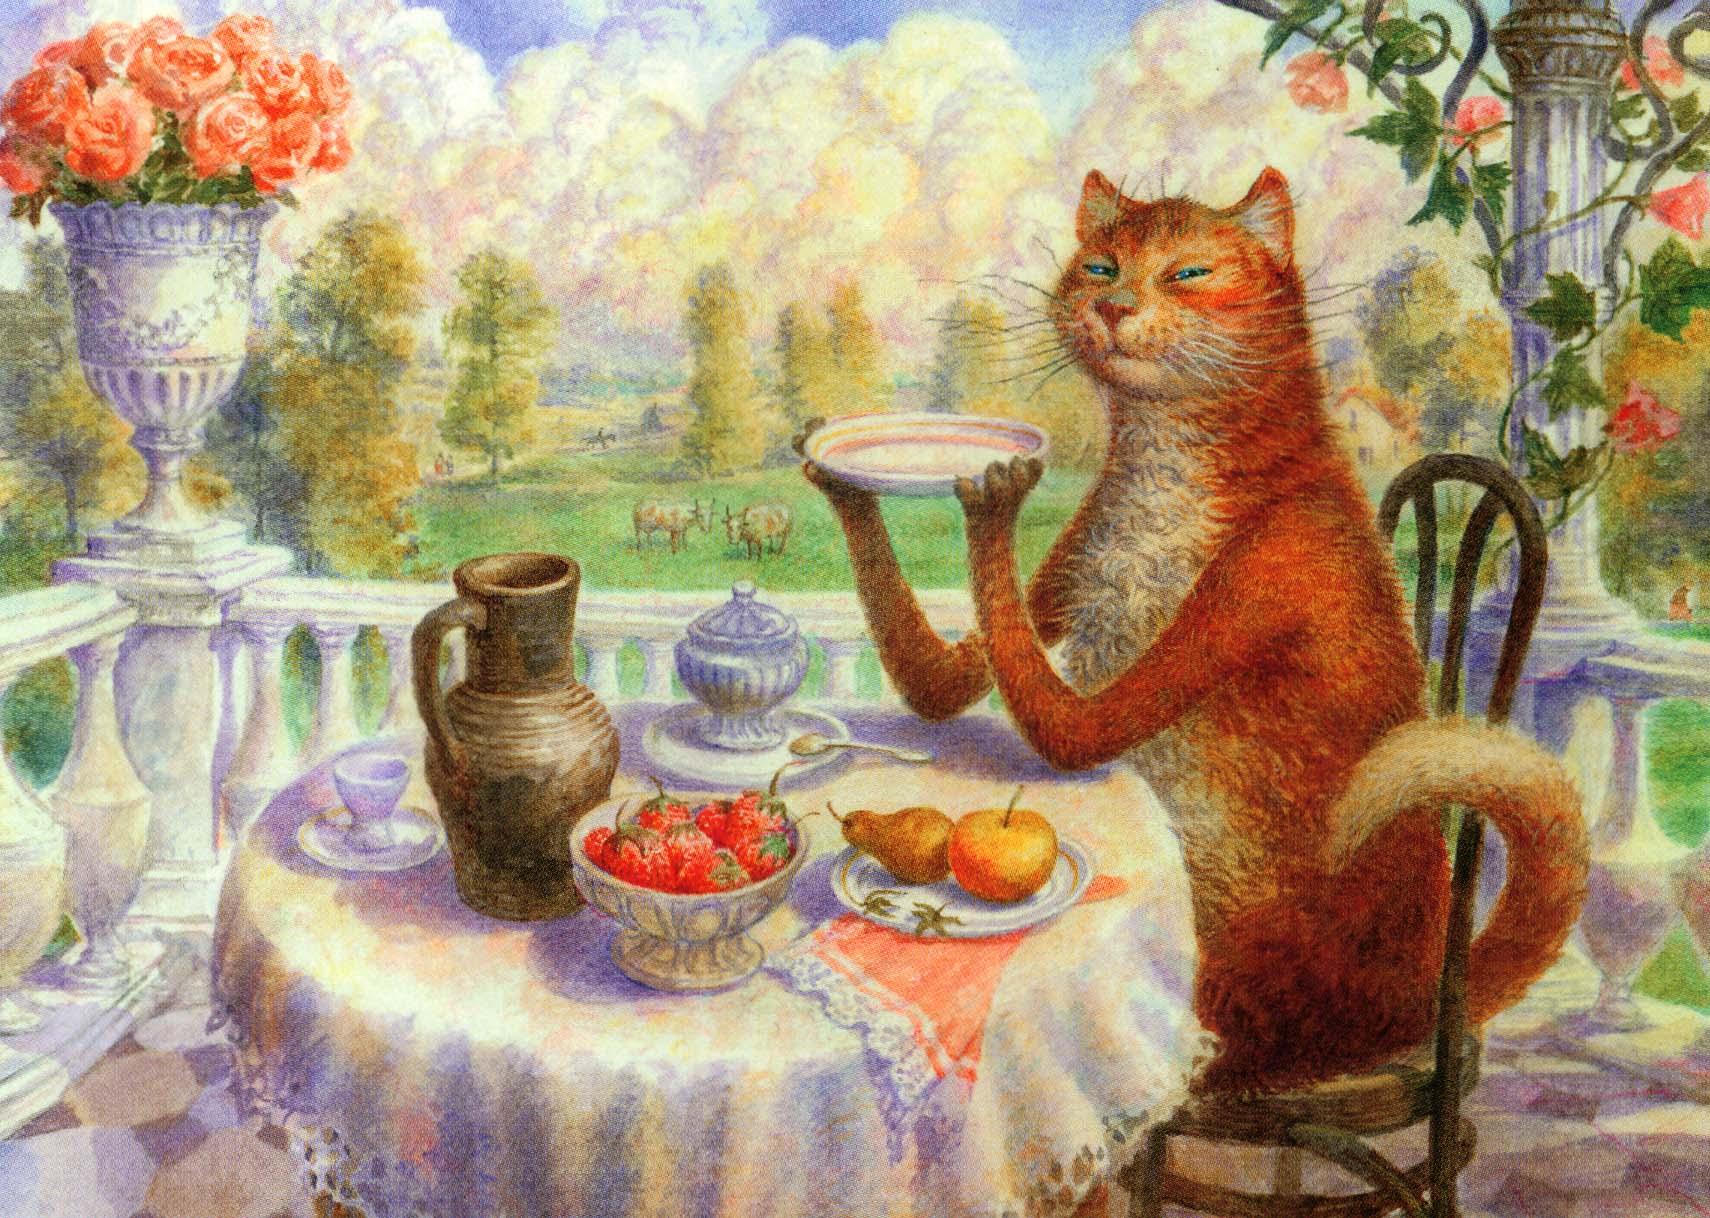 Картинки котиков пьющих чай